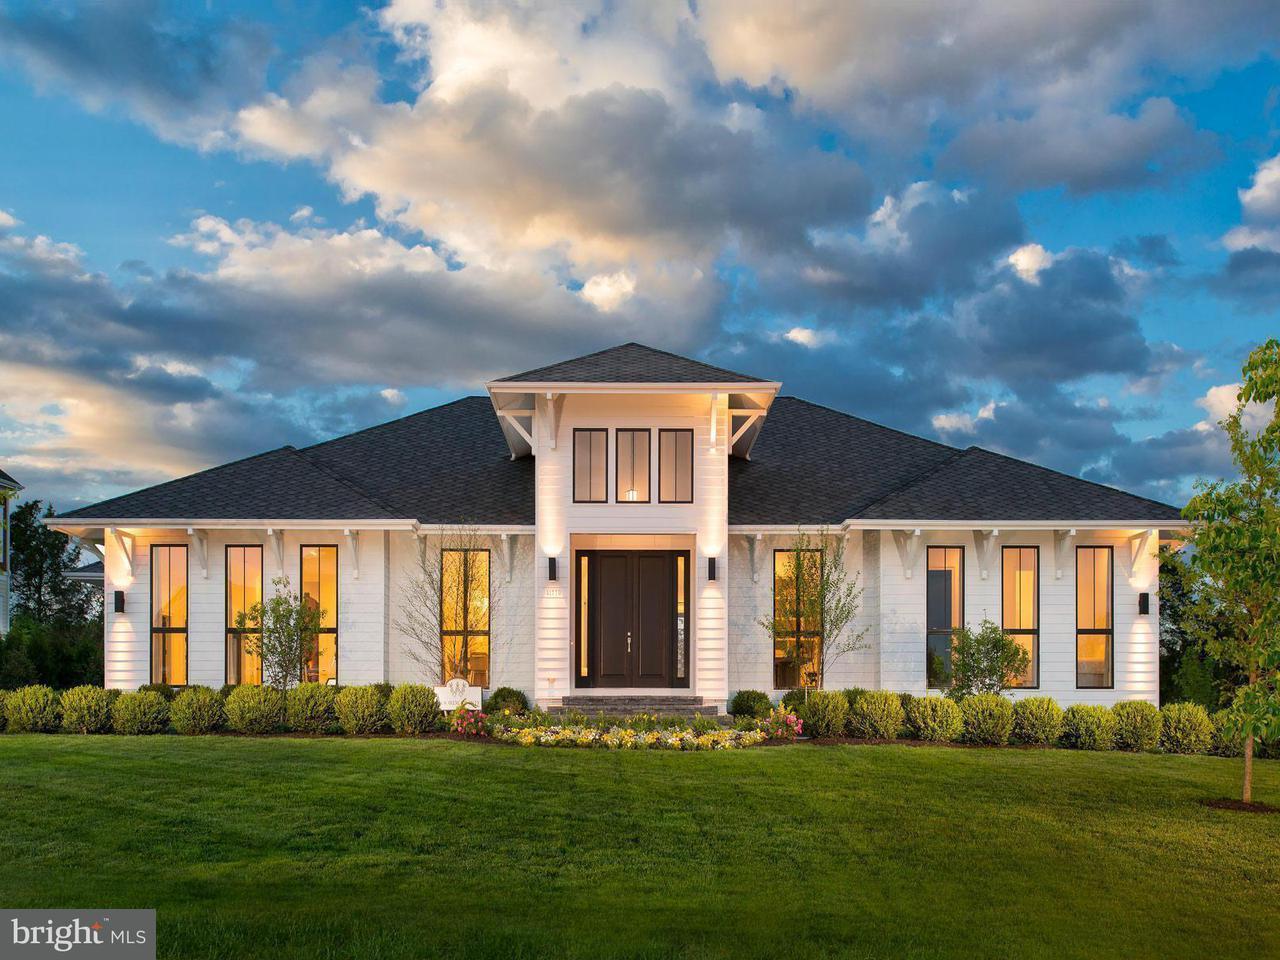 独户住宅 为 销售 在 BLUE STAR Court BLUE STAR Court 阿什伯恩, 弗吉尼亚州 20148 美国